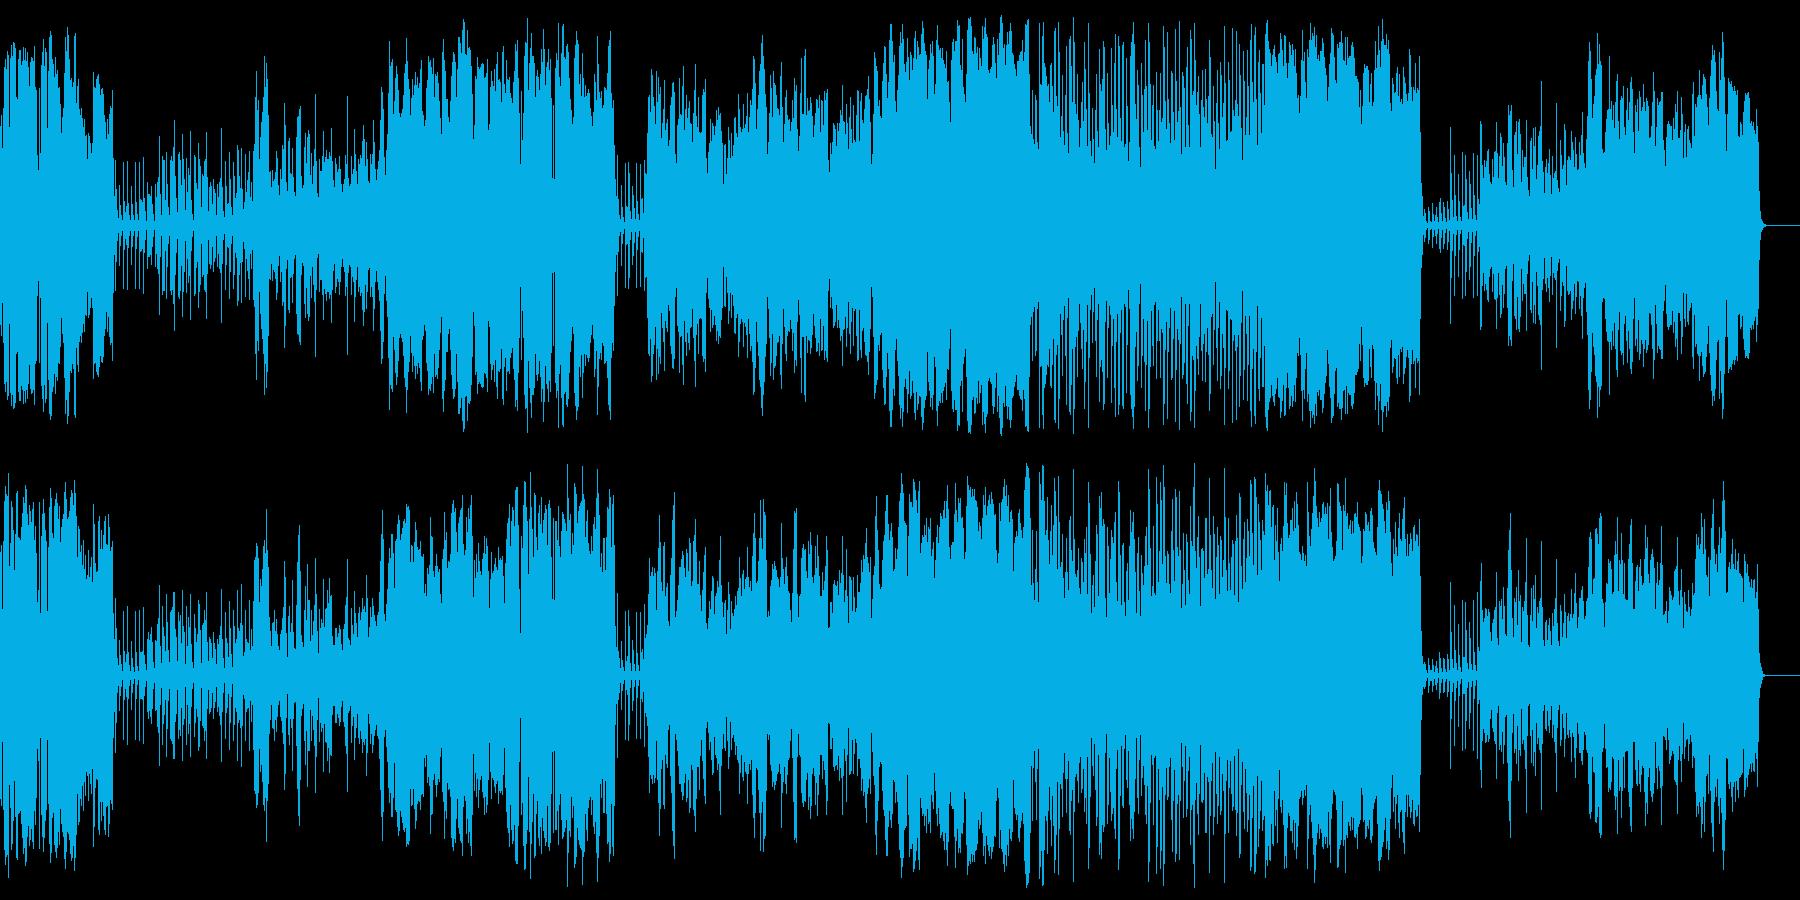 ブライダル 感動 オープニング 厳かの再生済みの波形